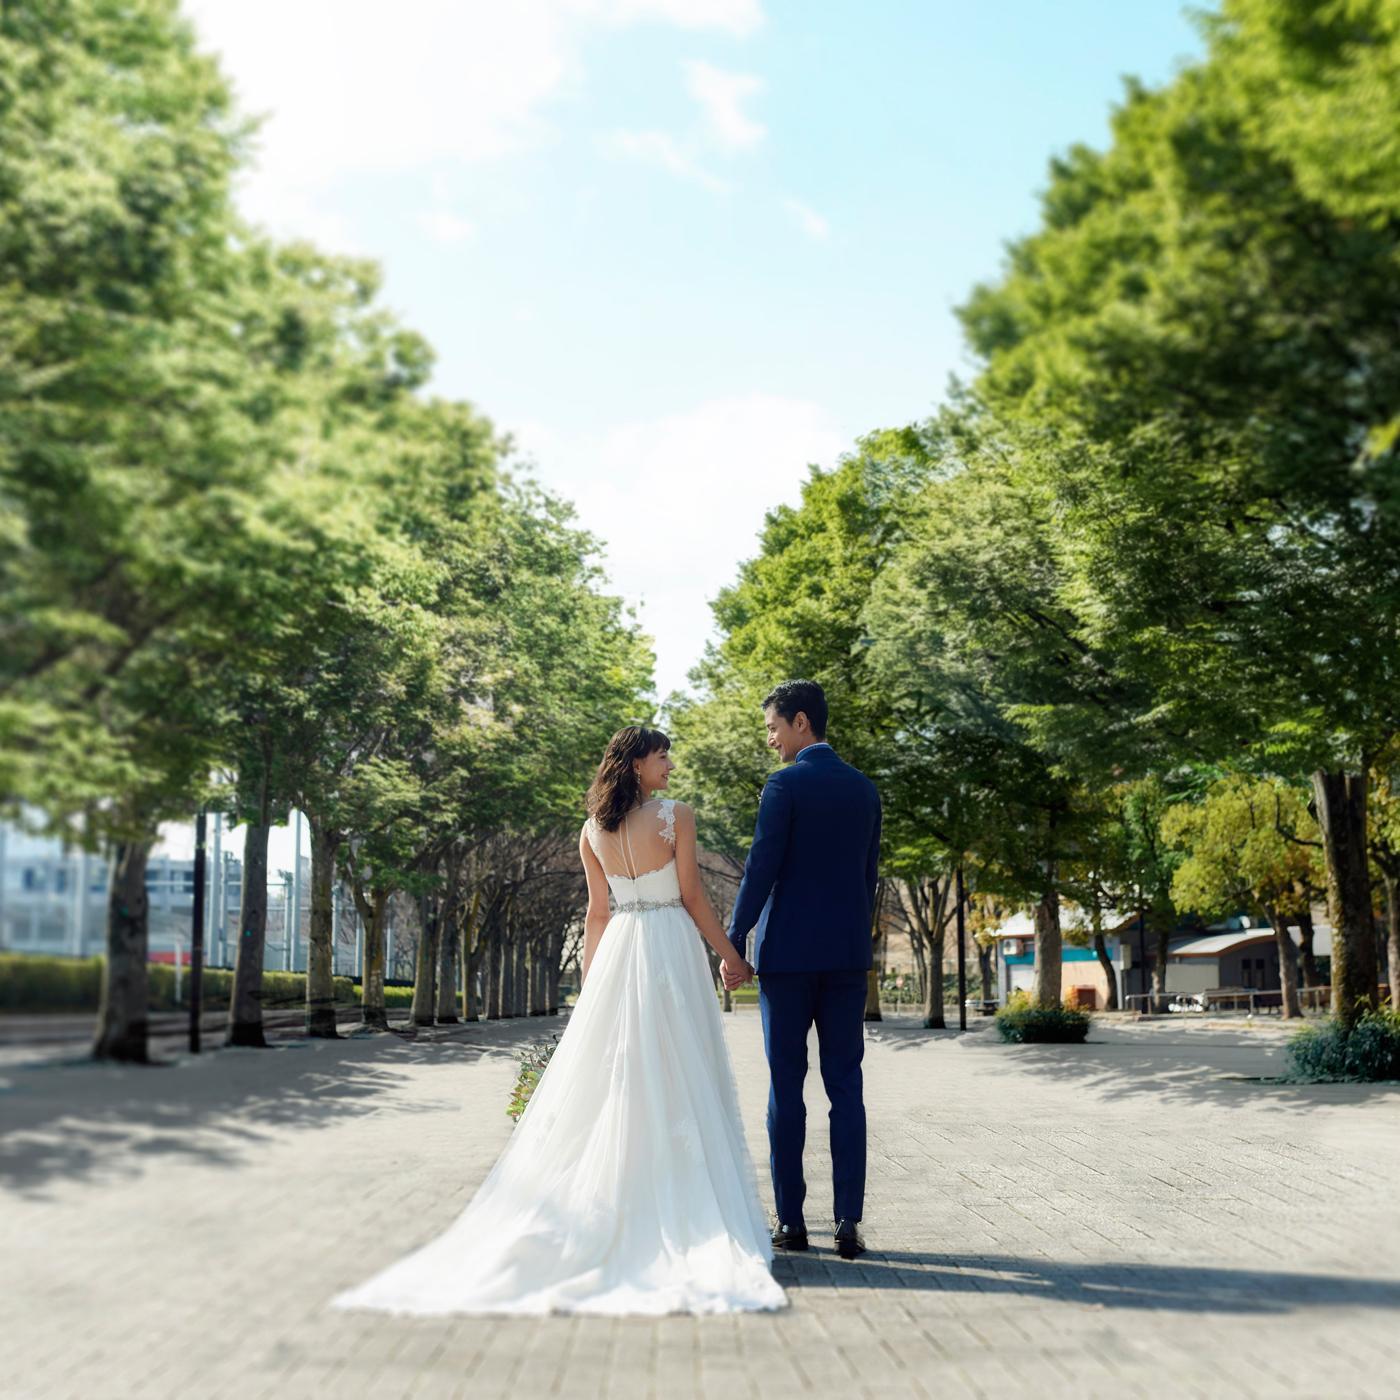 【第二弾】1周年記念★笑顔溢れる結婚式特別プラン【2020年5月挙式までの方】ドレス特典付き